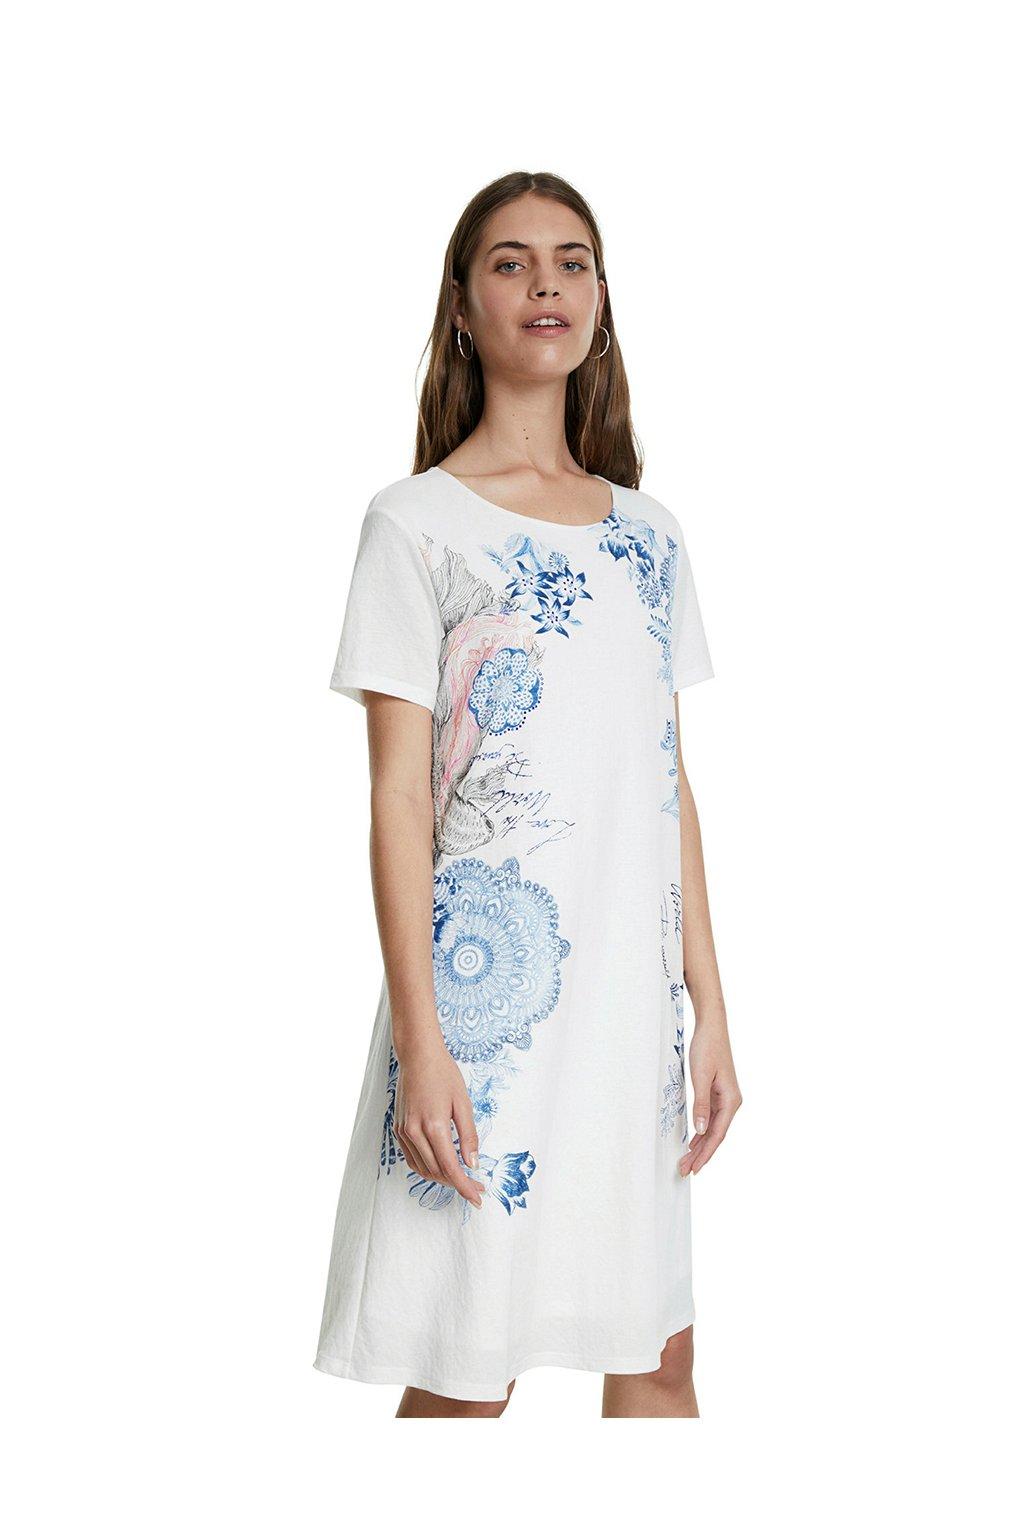 Bílé šaty Charlotte Desigual 20SWVK57